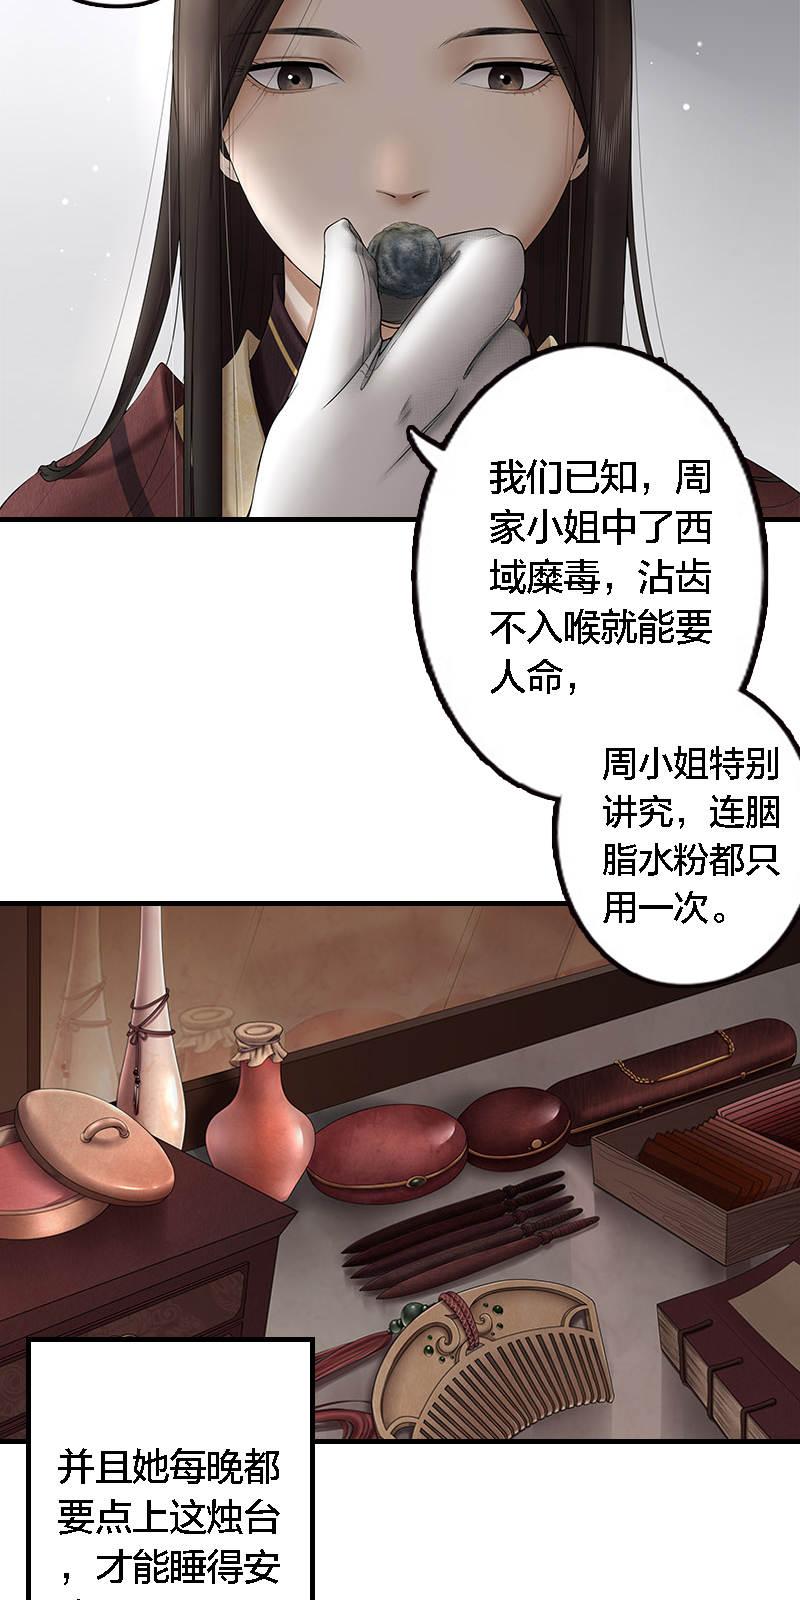 画骨女仵作第20话  真相小剧场 第 2